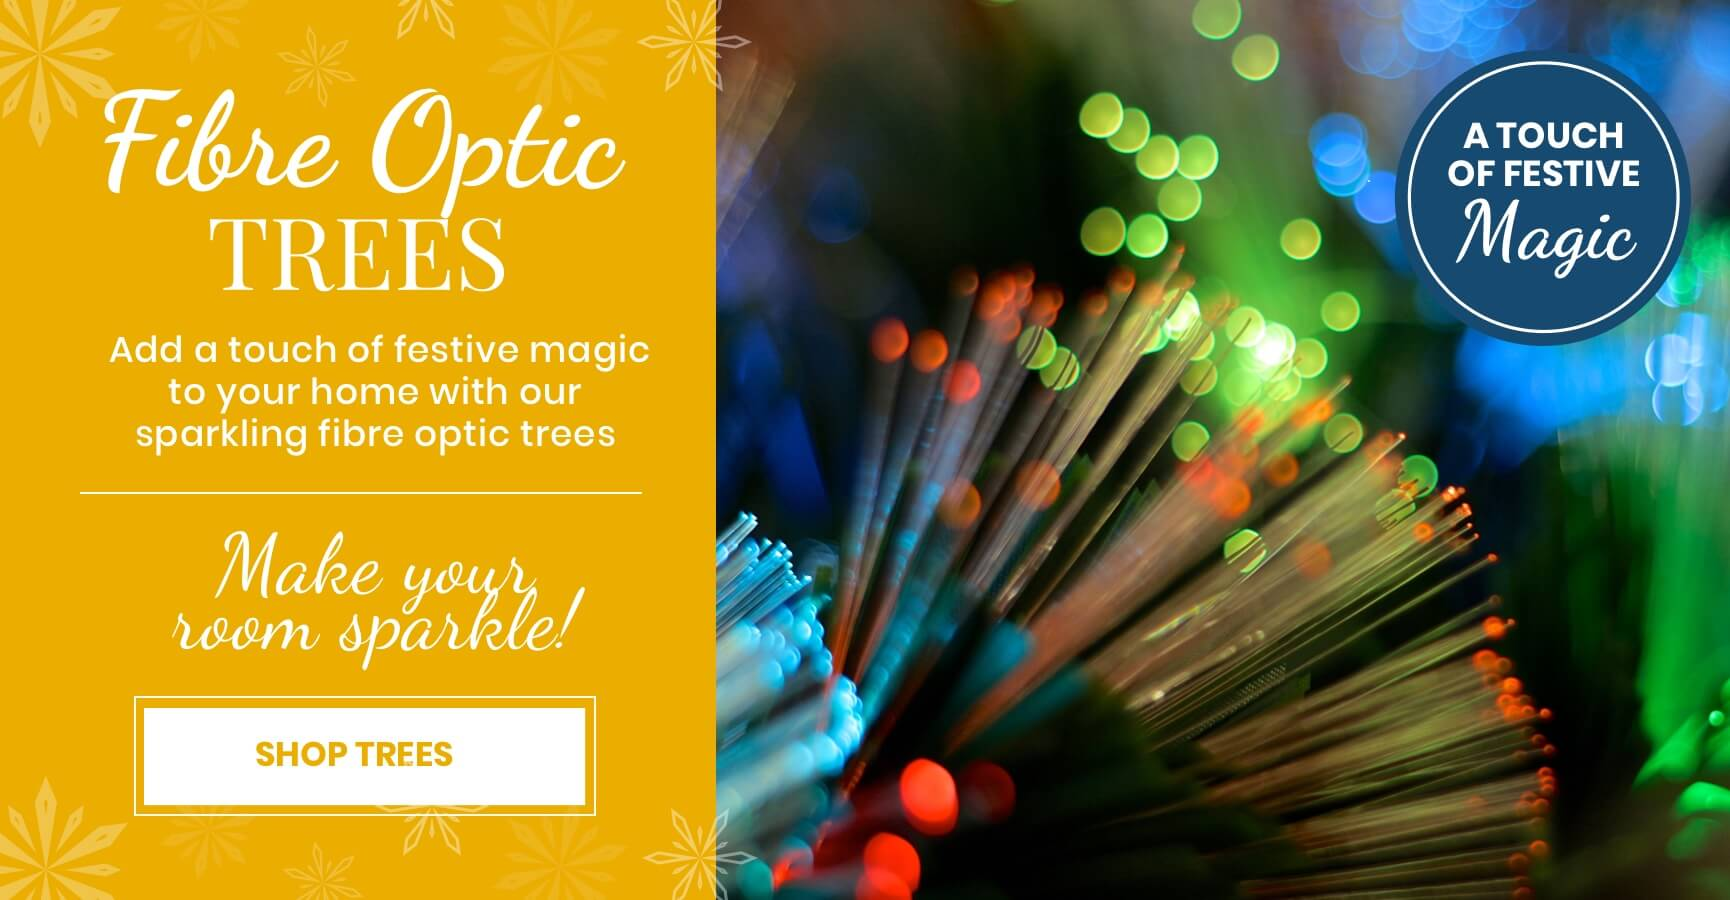 Fibre Optic Tree